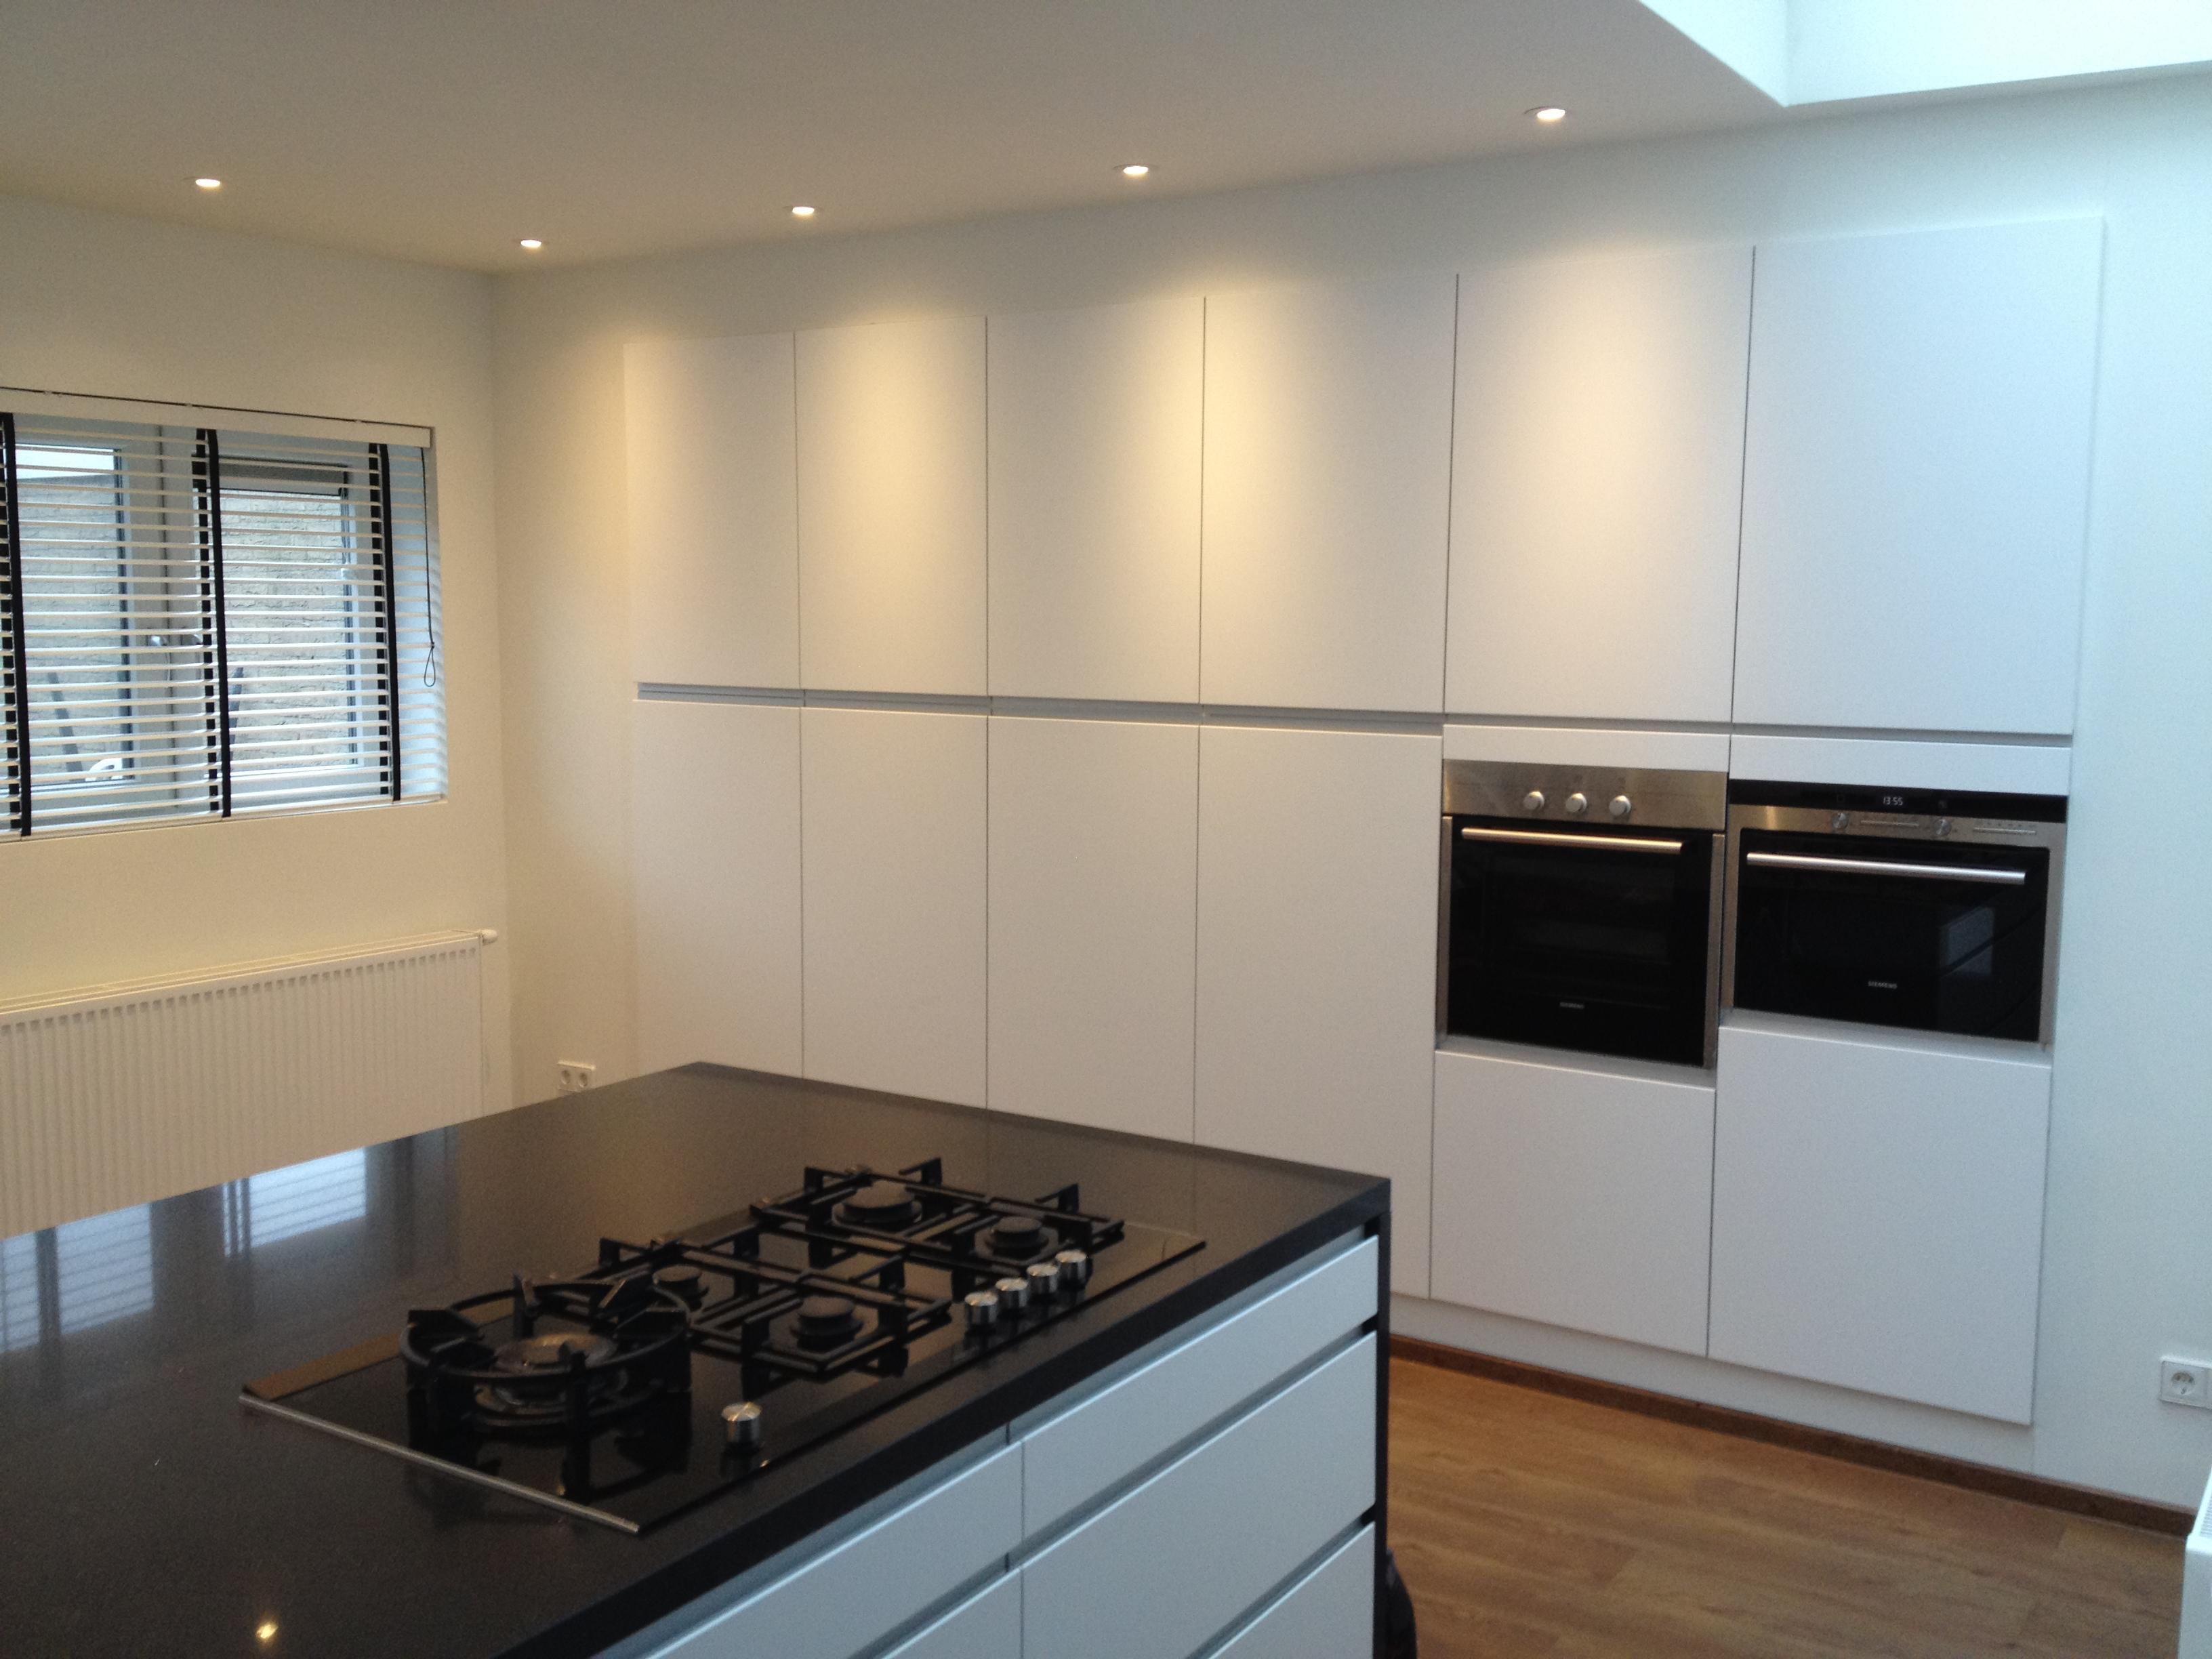 Keukens ikea voorbeelden for Keuken samenstellen ikea